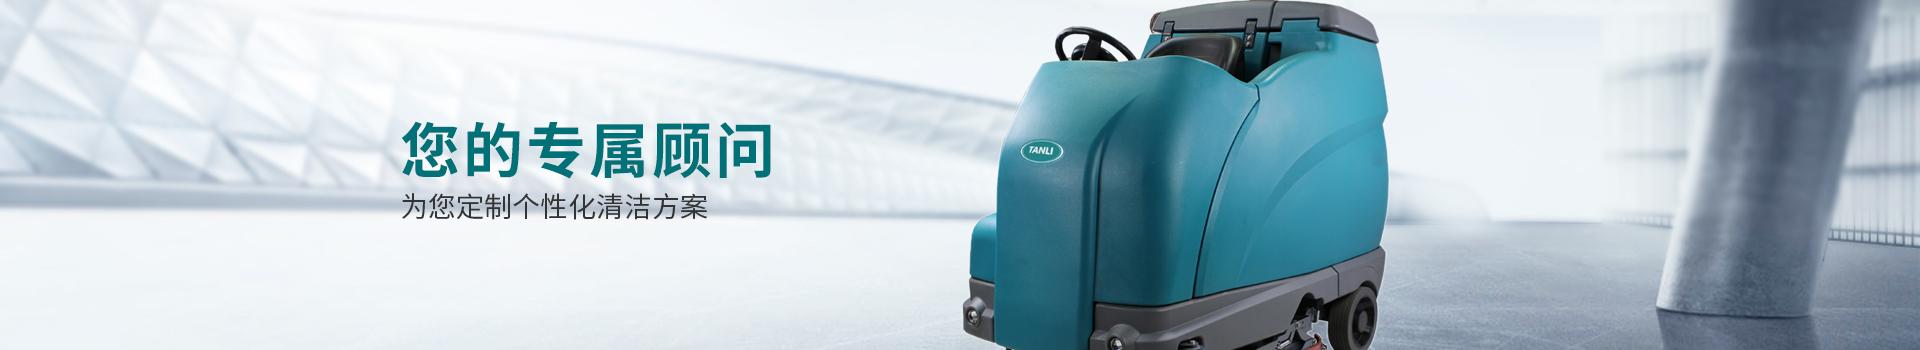 坦力清洁设备为您定制个性化清洁方案